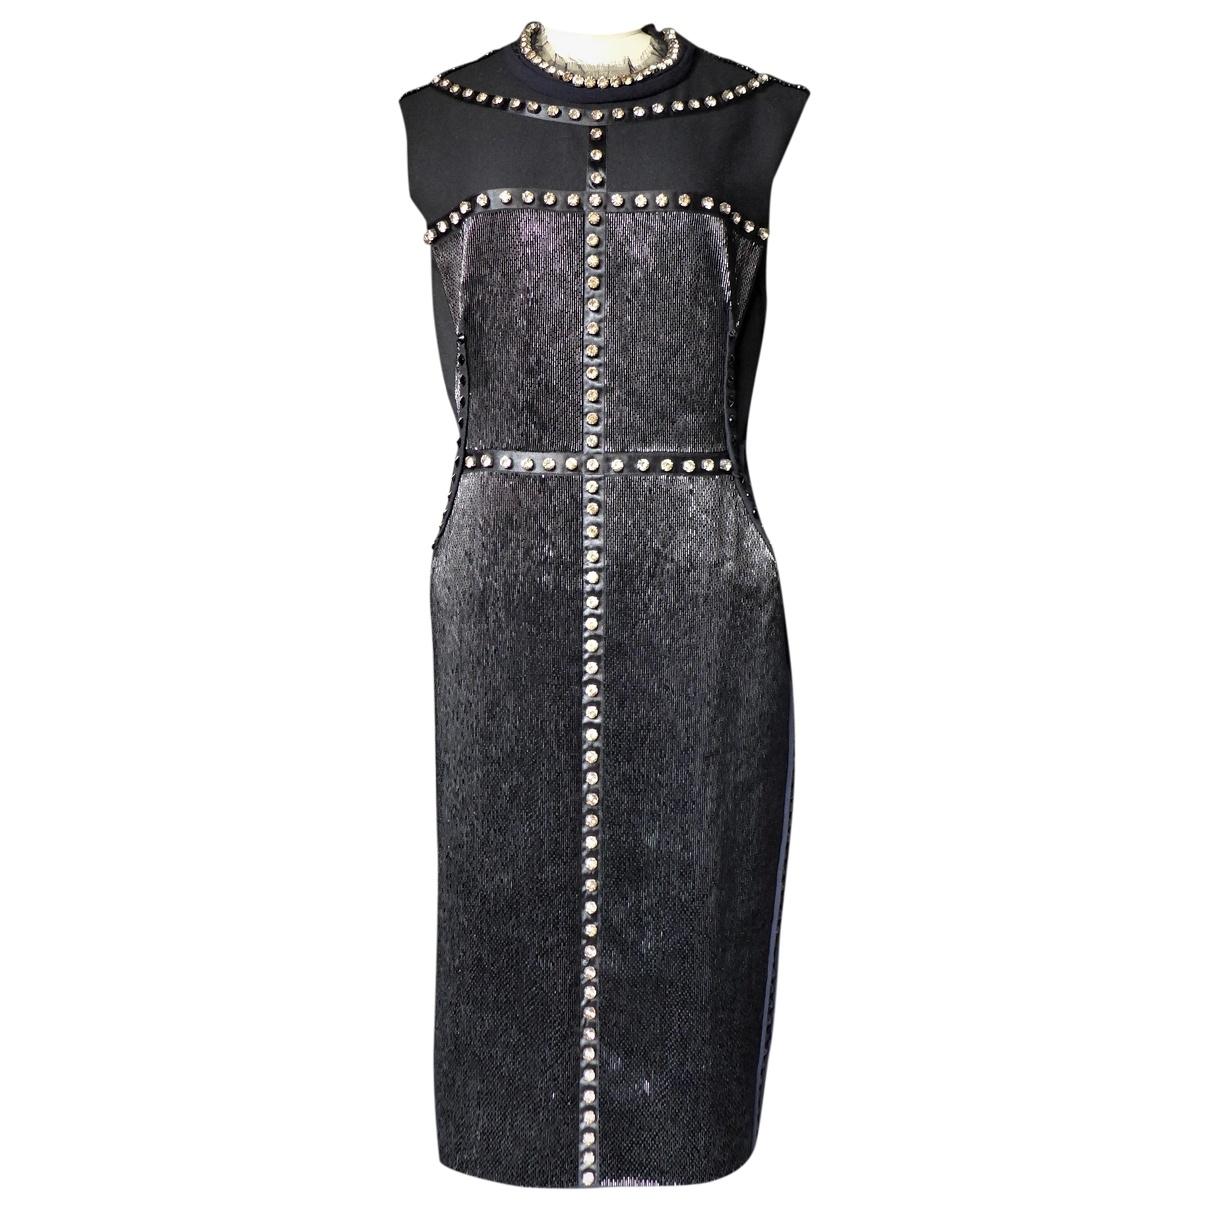 Lanvin \N Kleid in  Schwarz Mit Pailletten